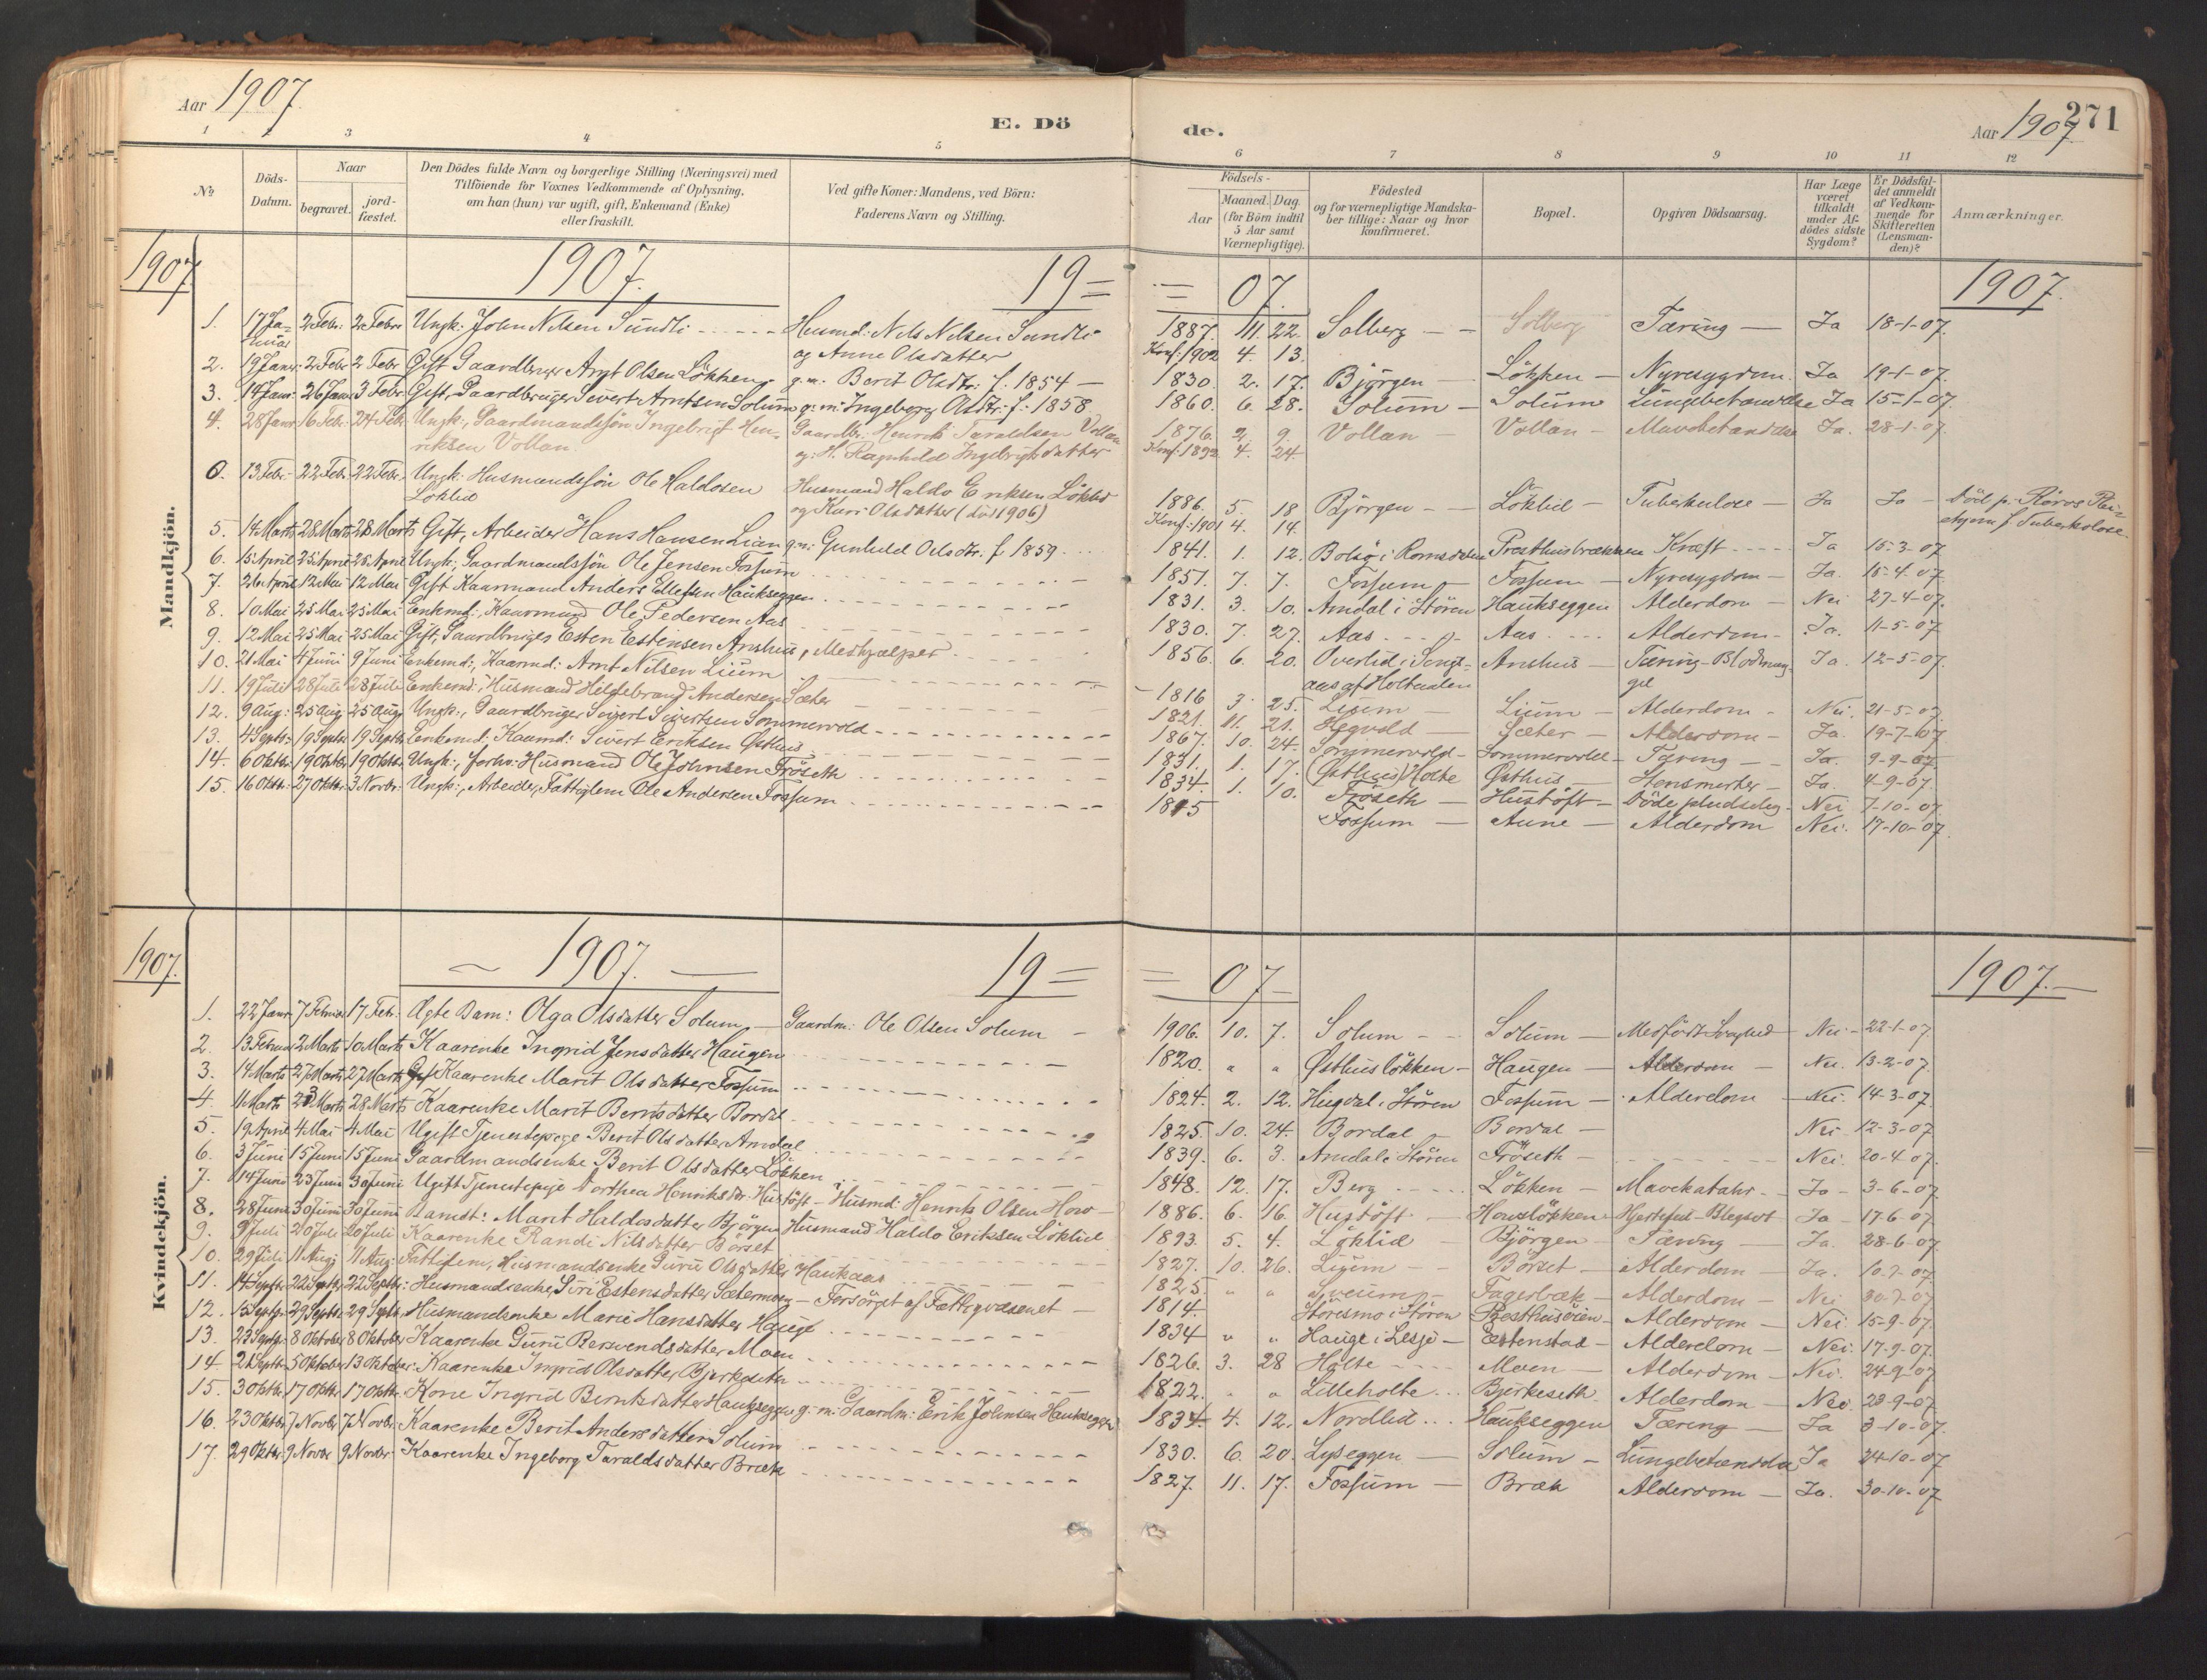 SAT, Ministerialprotokoller, klokkerbøker og fødselsregistre - Sør-Trøndelag, 689/L1041: Ministerialbok nr. 689A06, 1891-1923, s. 271